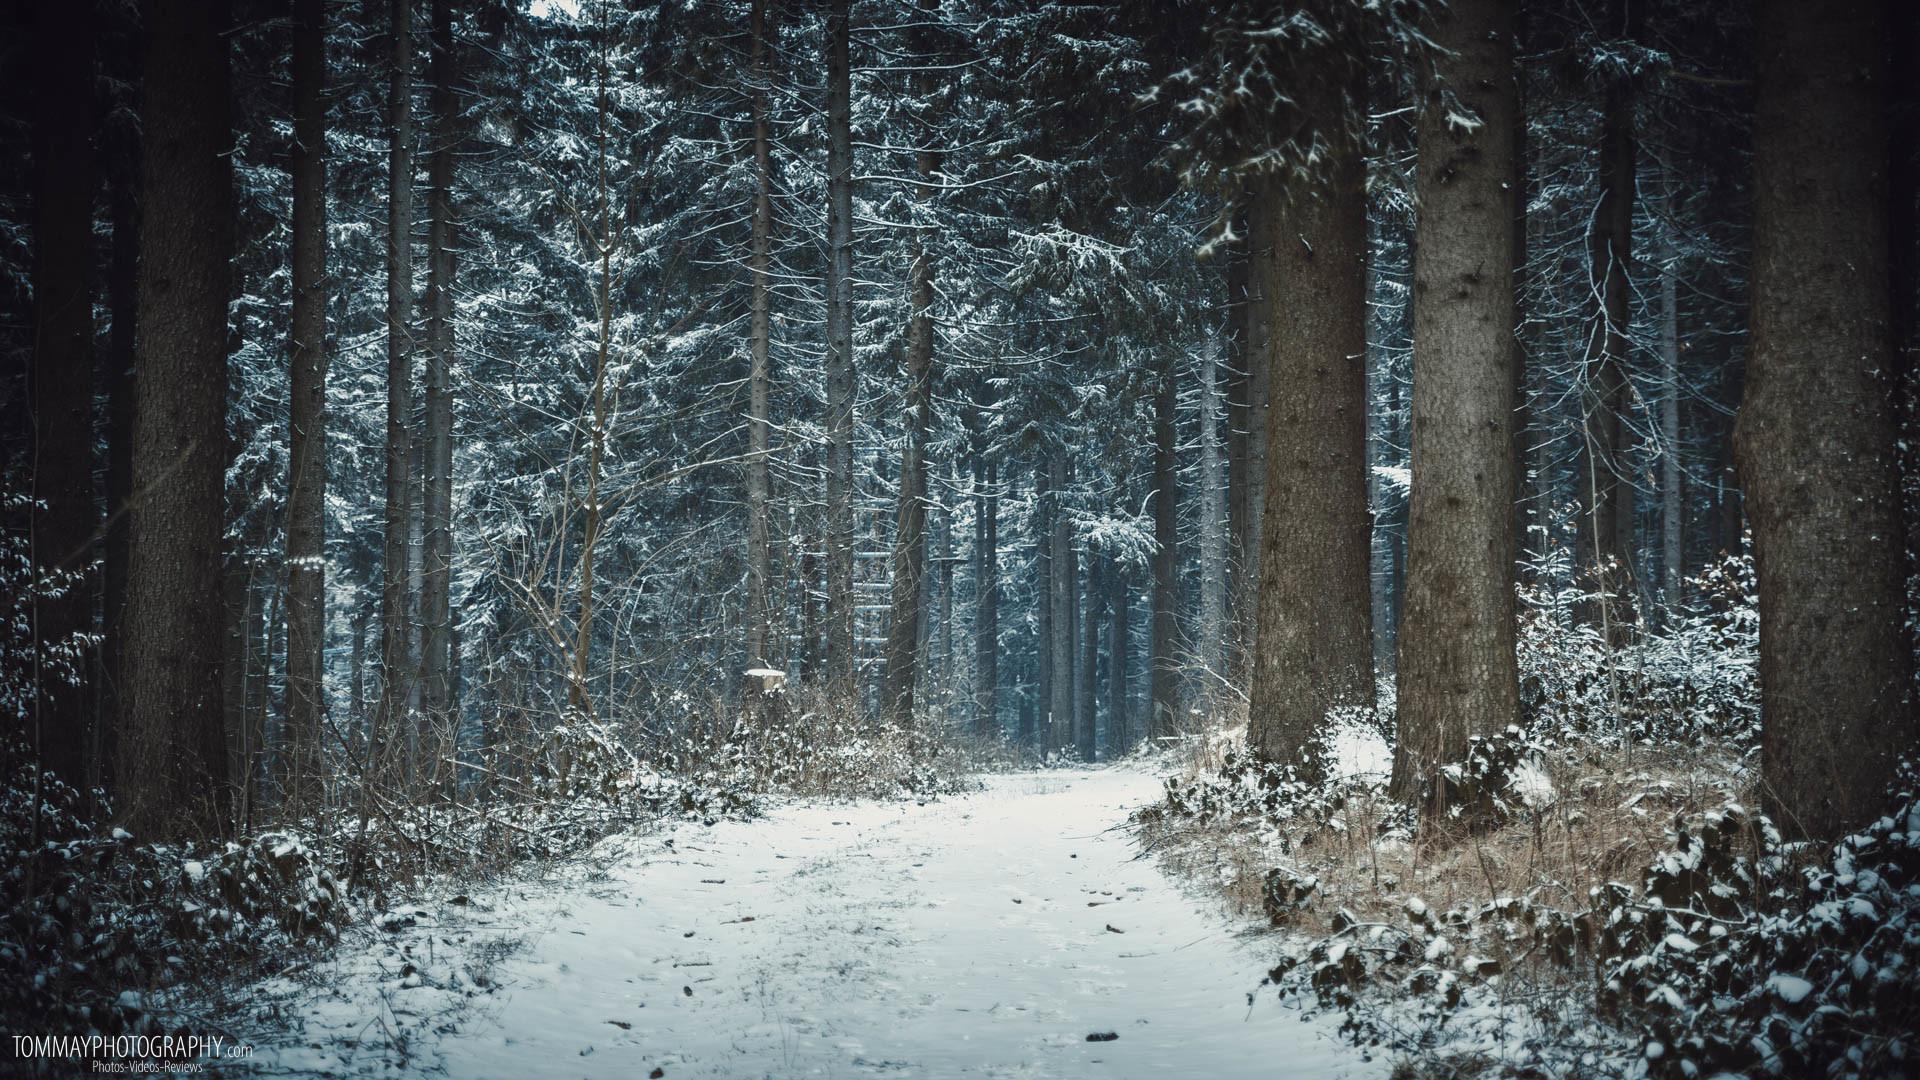 1920x1080, Winter Forest - High Resolution Winter Forest - HD Wallpaper